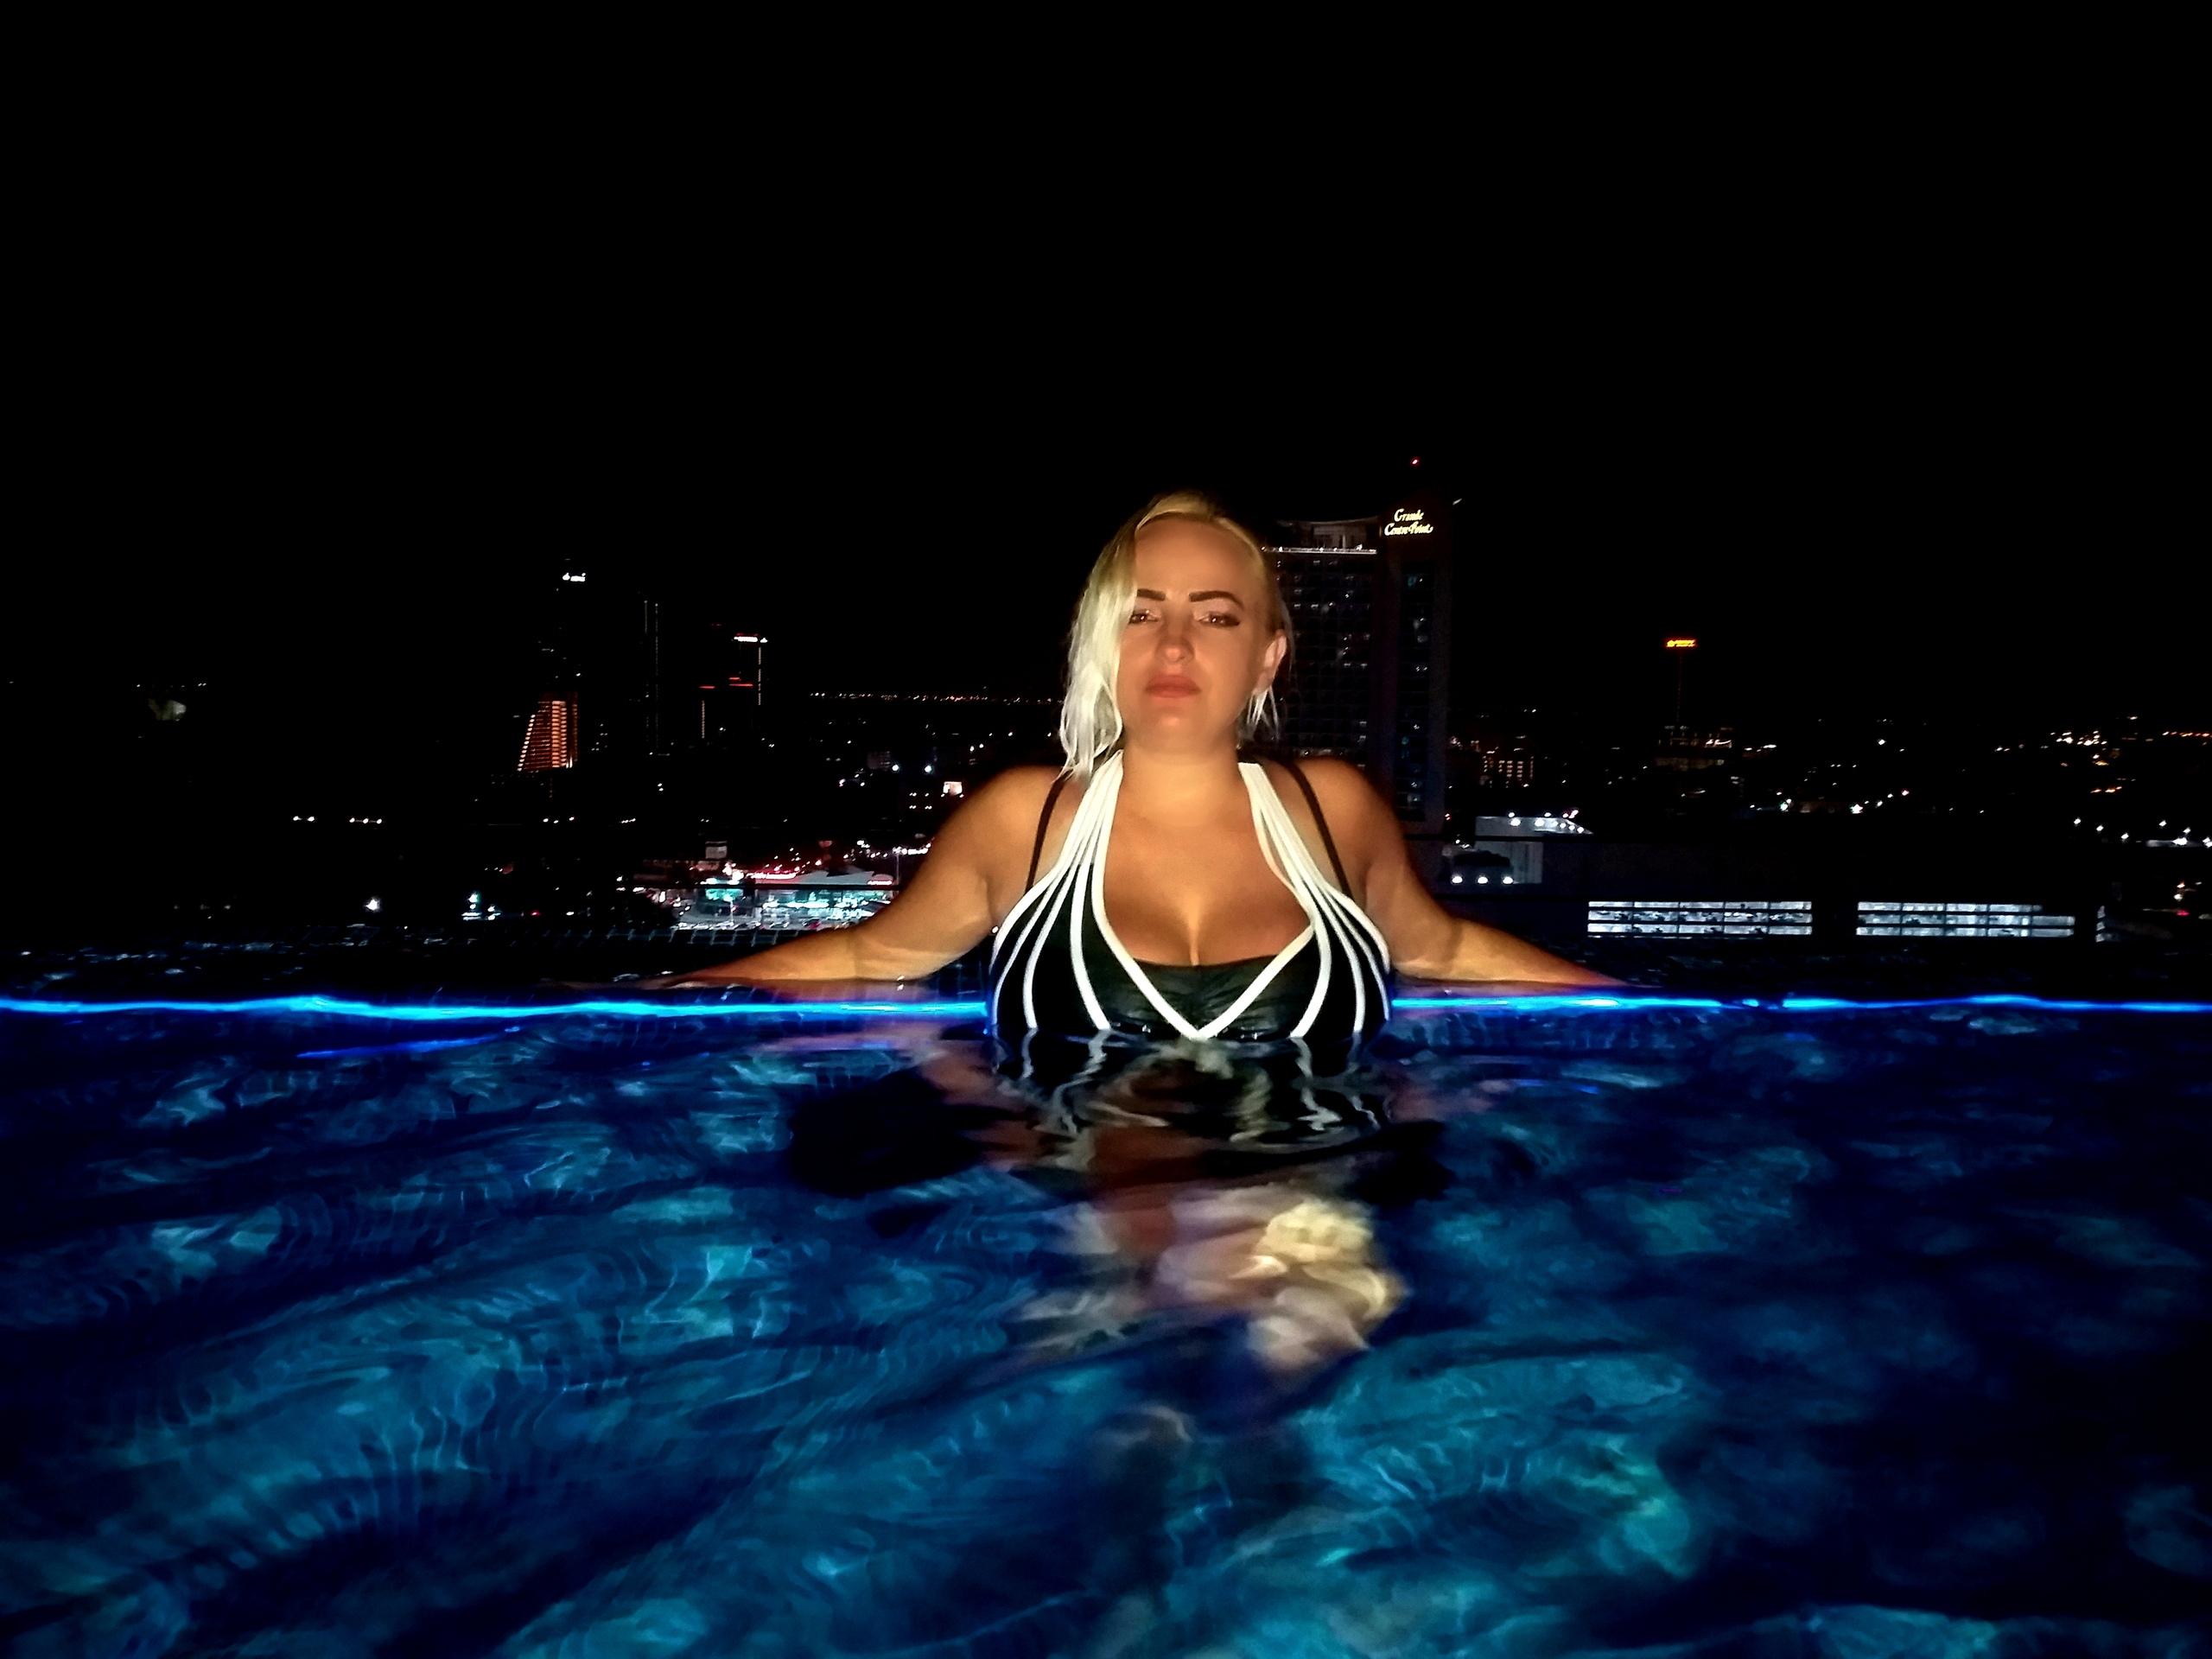 путешествие - Елена Руденко (Валтея). Таиланд мои впечатления. отзывы, достопримечательности, фото и видео.   W9E10rKaYn0